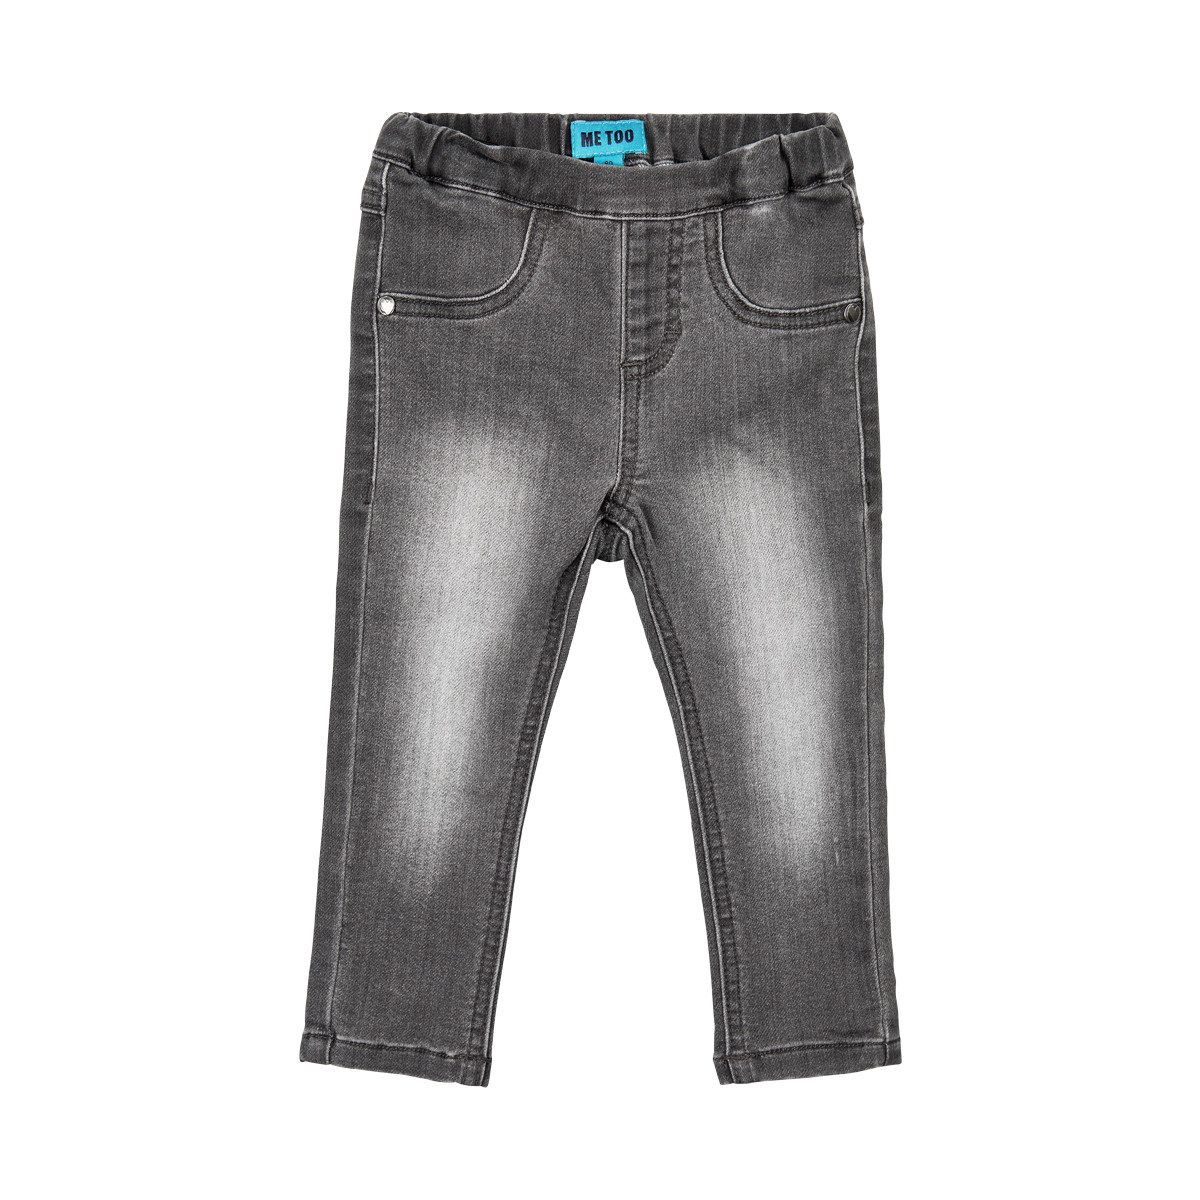 Me Too   Pants   2-4y   620352T-7904